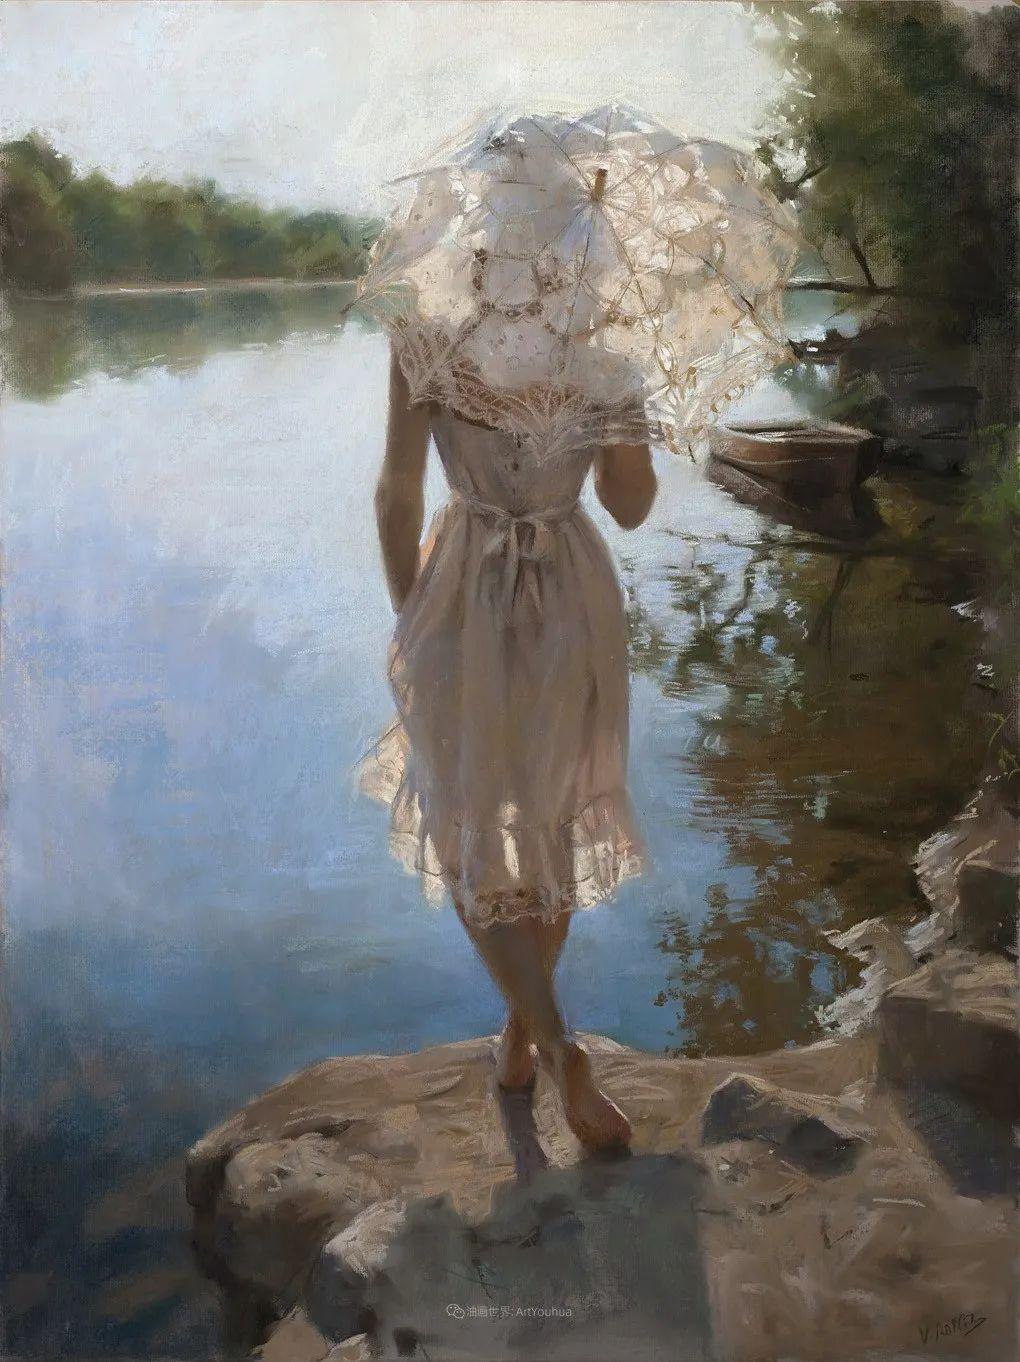 地中海暖阳下,穿裙的女子,浪漫美丽!插图24